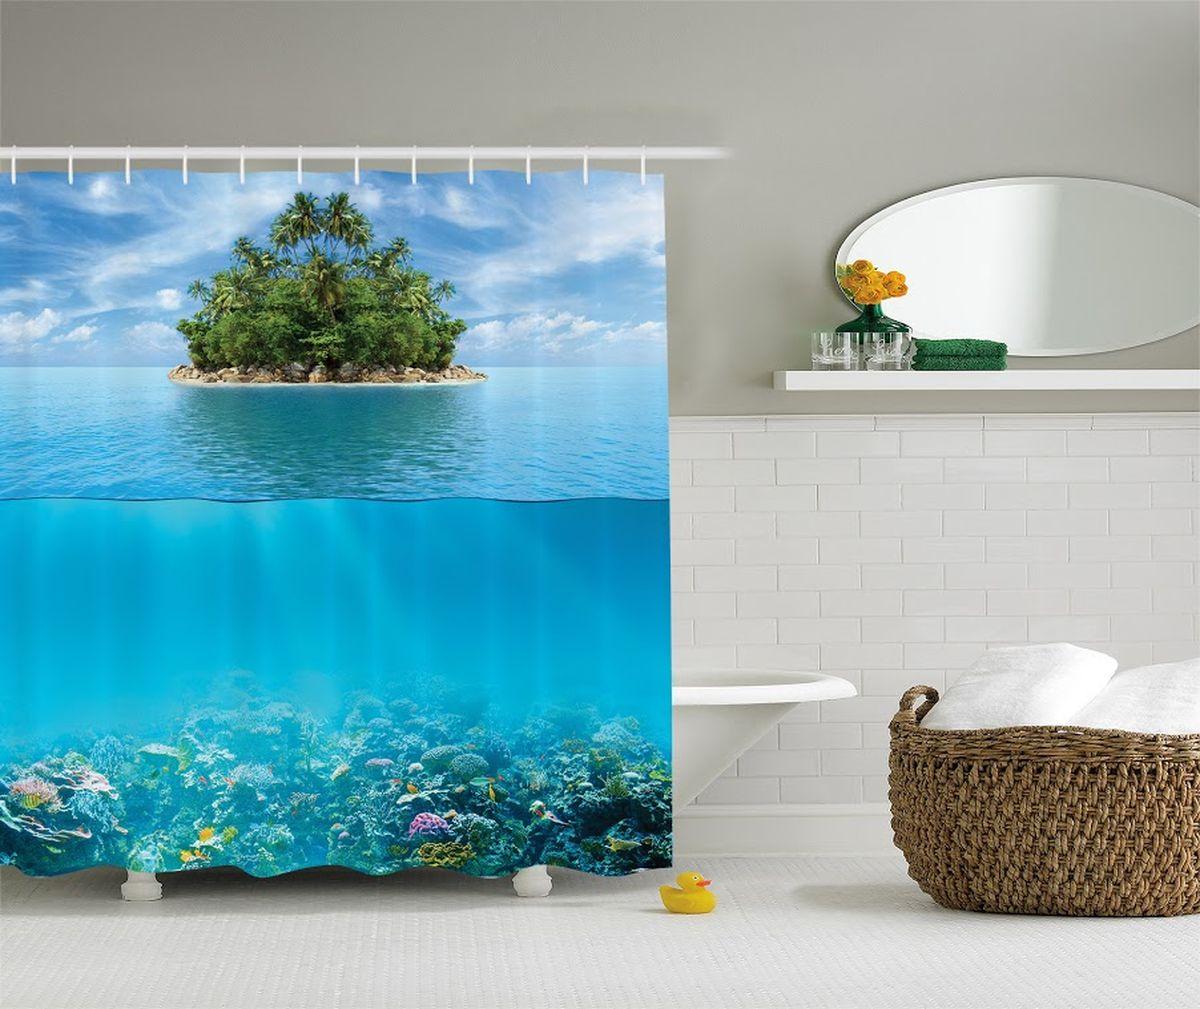 Штора для ванной комнаты Magic Lady Пальмовый остров, 180 х 200 см330P20RI11Штора Magic Lady Пальмовый остров, изготовленная из высококачественного сатена (полиэстер 100%), отлично дополнит любой интерьер ванной комнаты. При изготовлении используются специальные гипоаллергенные чернила для прямой печати по ткани, безопасные для человека.В комплекте: 1 штора, 12 крючков. Обращаем ваше внимание, фактический цвет изделия может незначительно отличаться от представленного на фото.